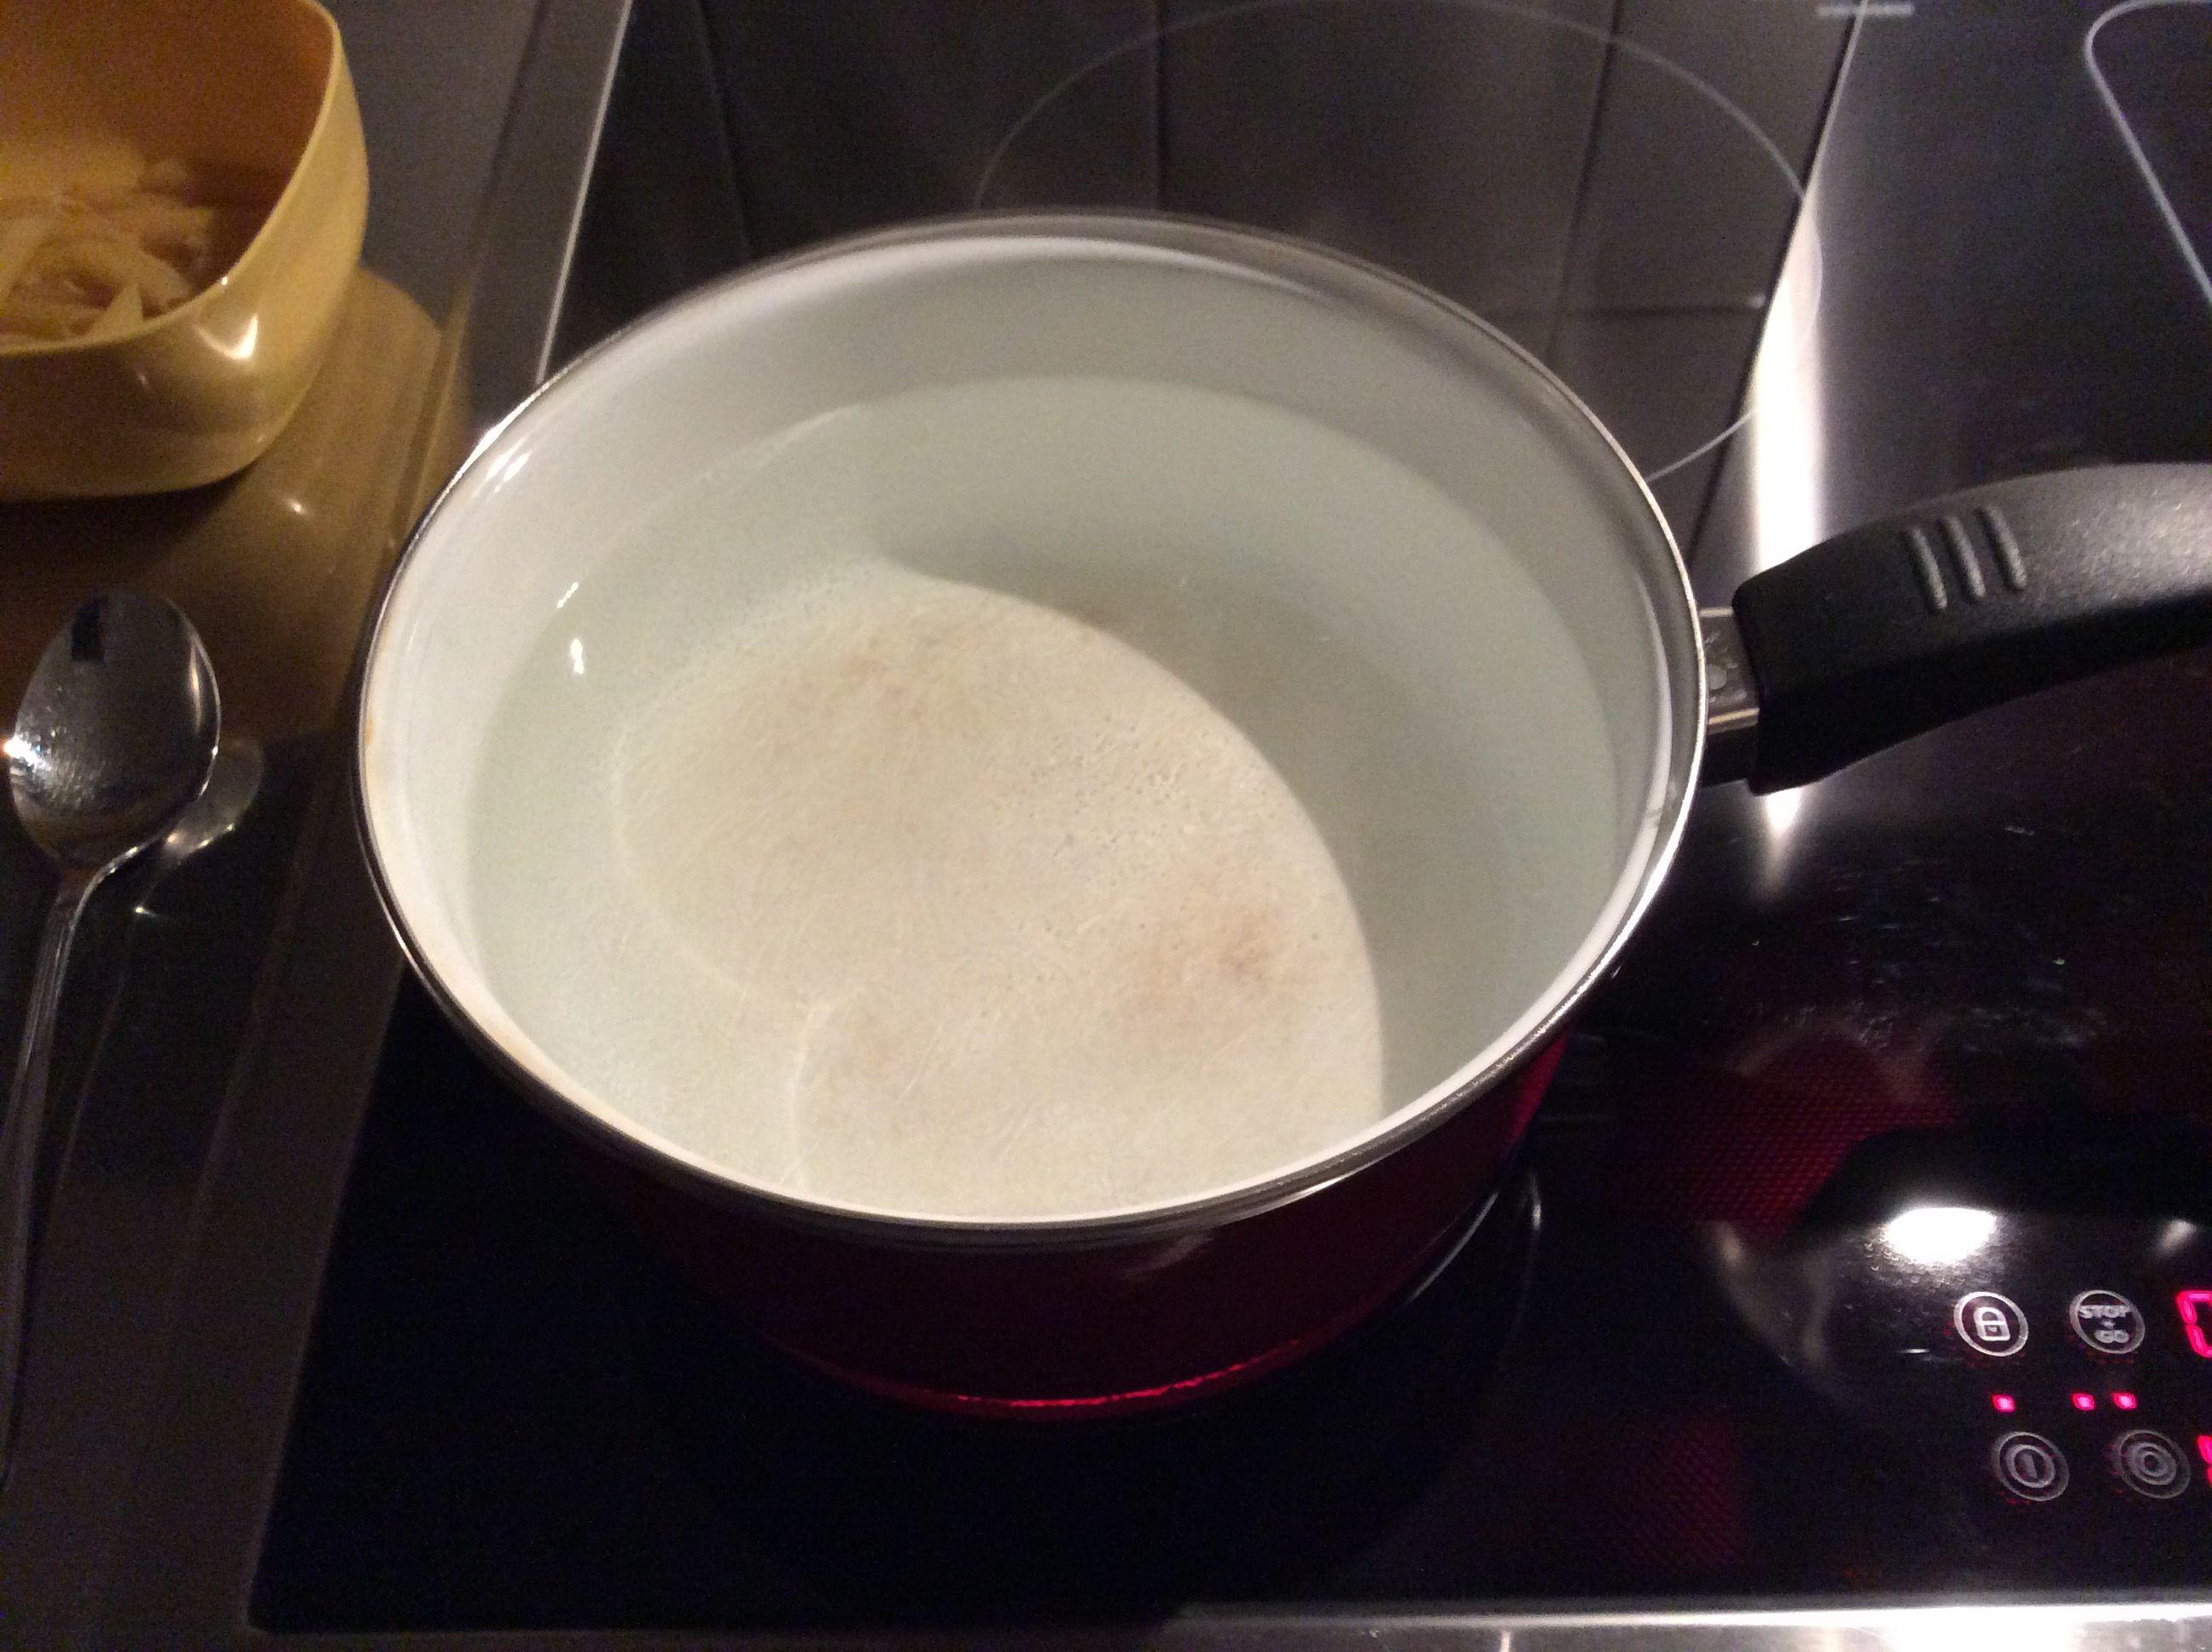 Licht- und Strömungseffekte beim Wasser aufkochen